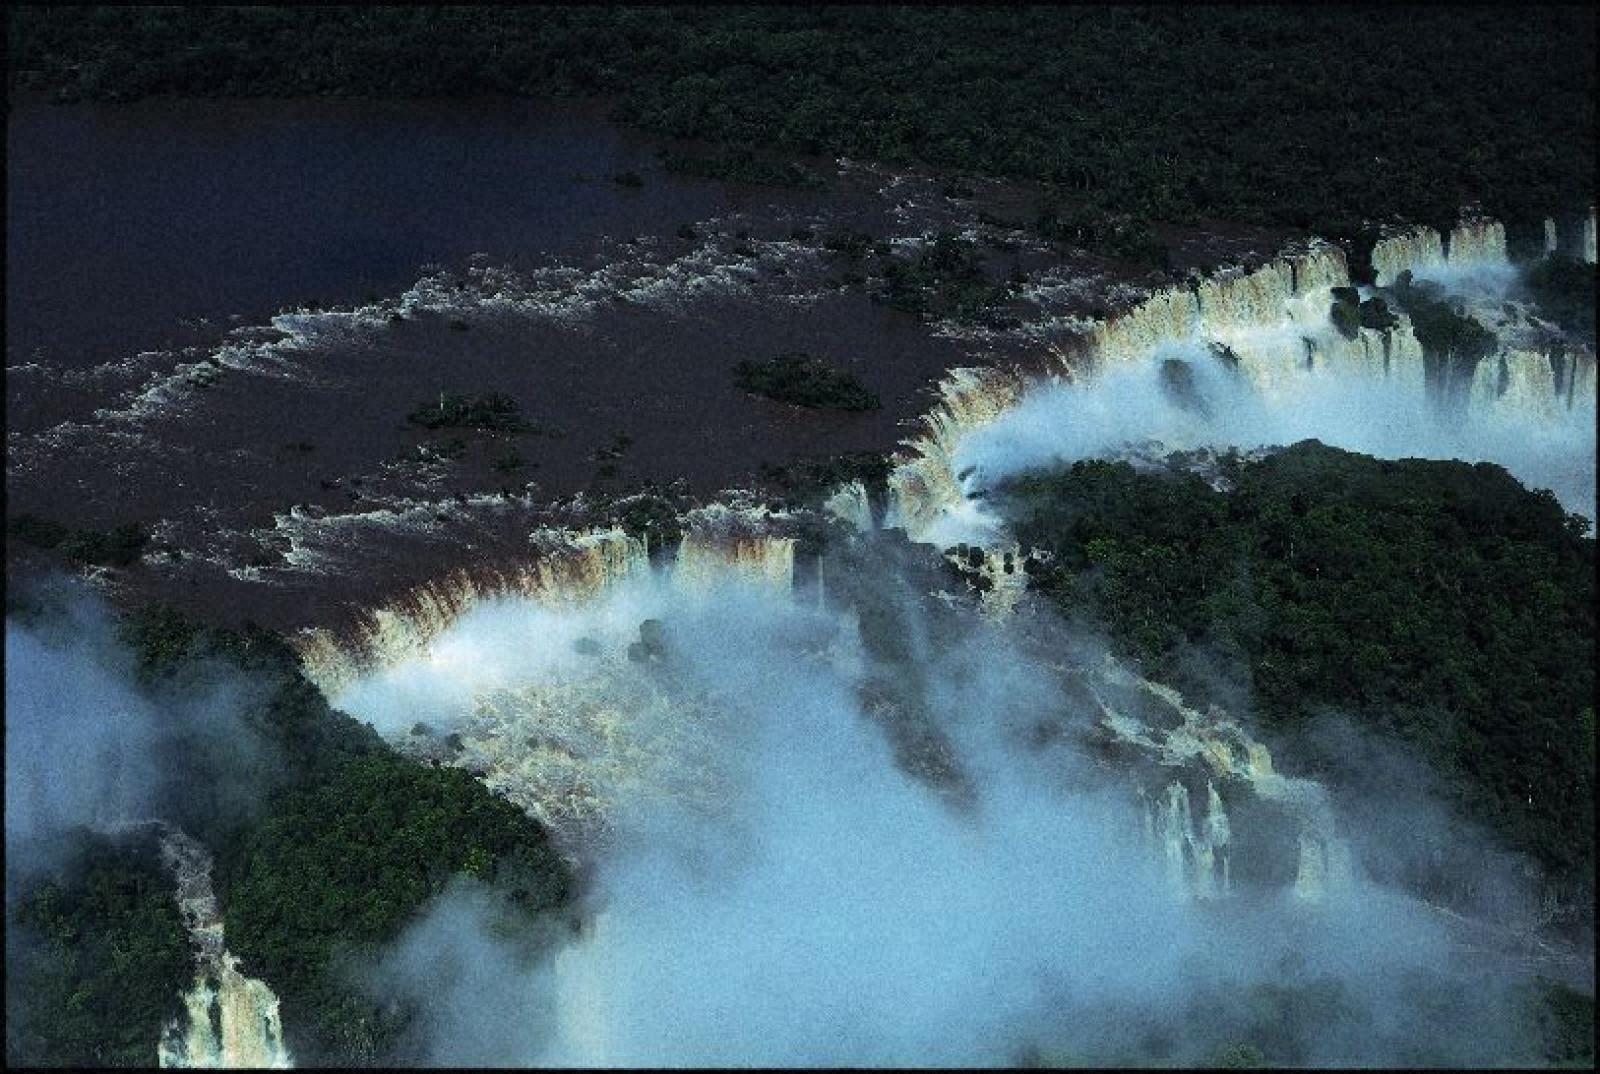 奇跡の惑星・地球 イグアスの滝、ブラジル